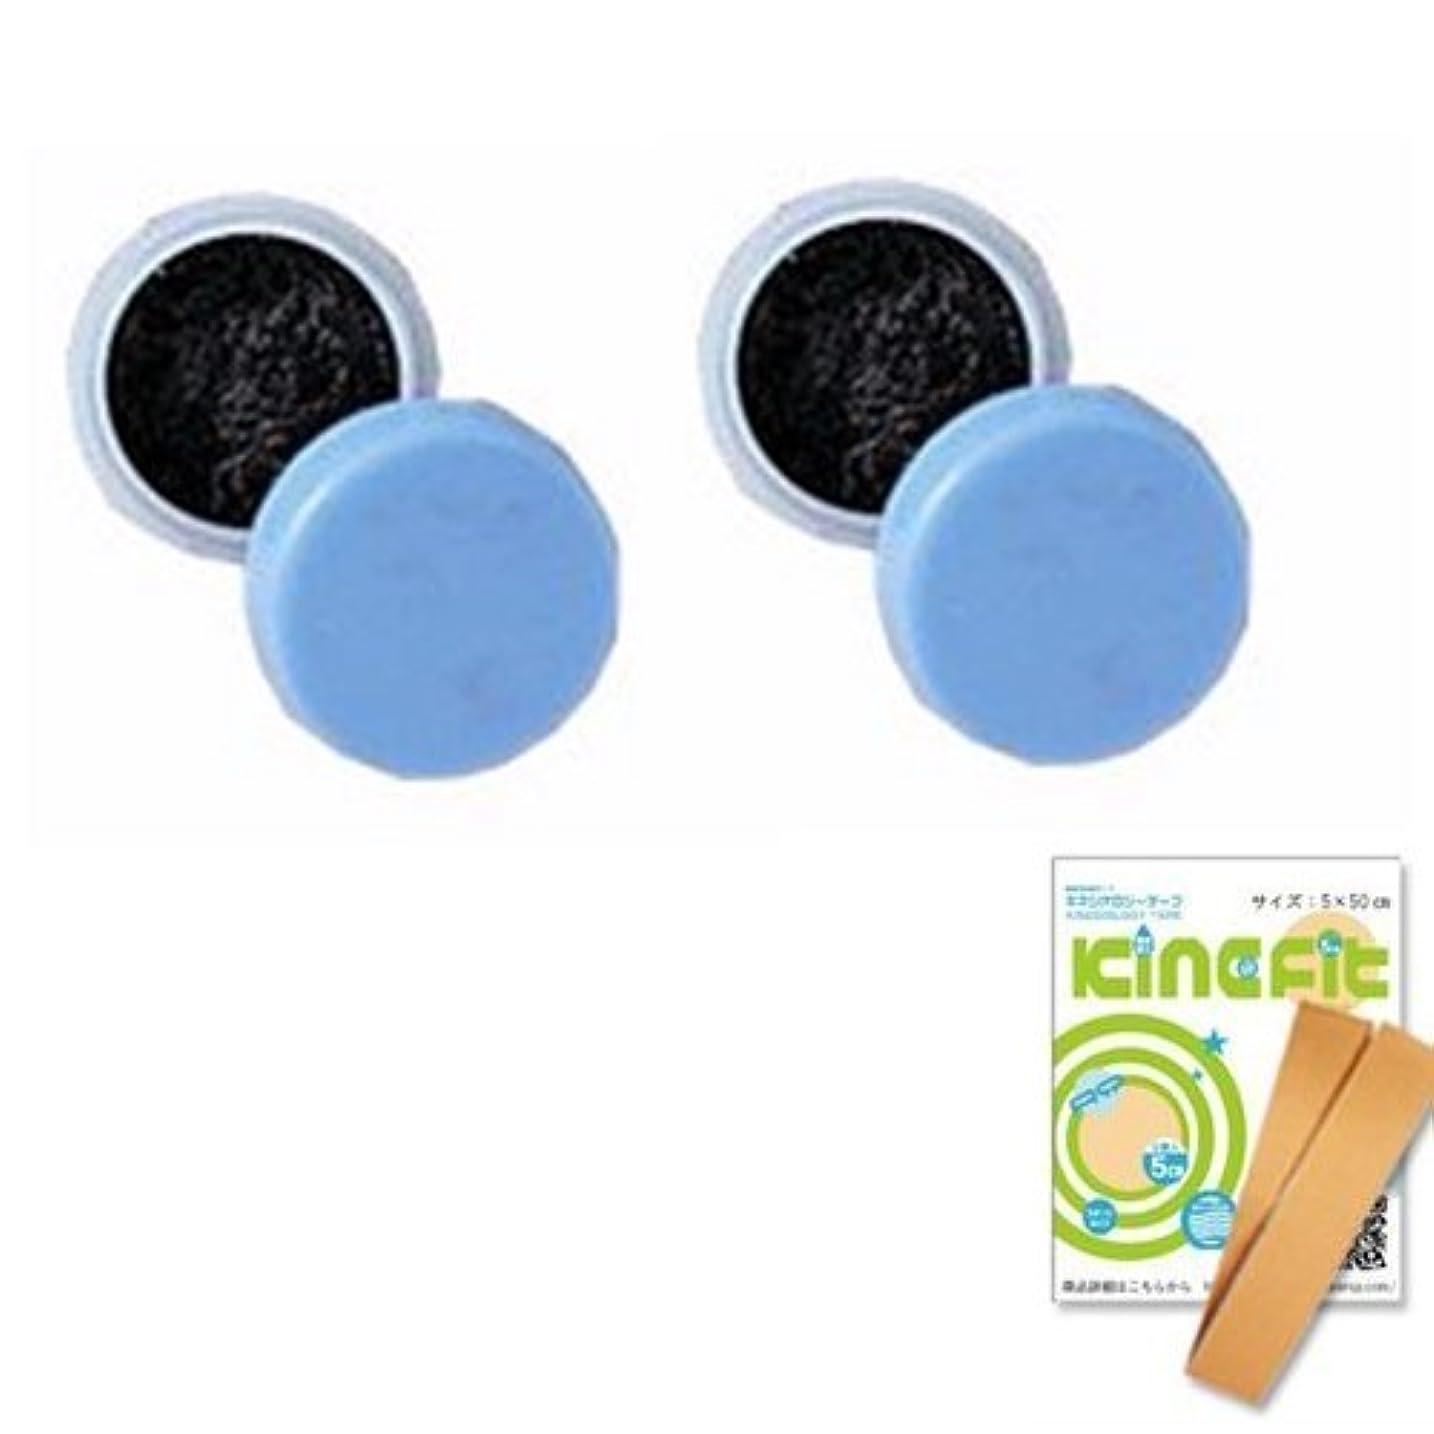 ゆり便利さスツール灸点スミ(SO-227)×2個セット + お試し用キネシオロジーテープ キネフィット50cm セット ※灸点棒は含まれません。